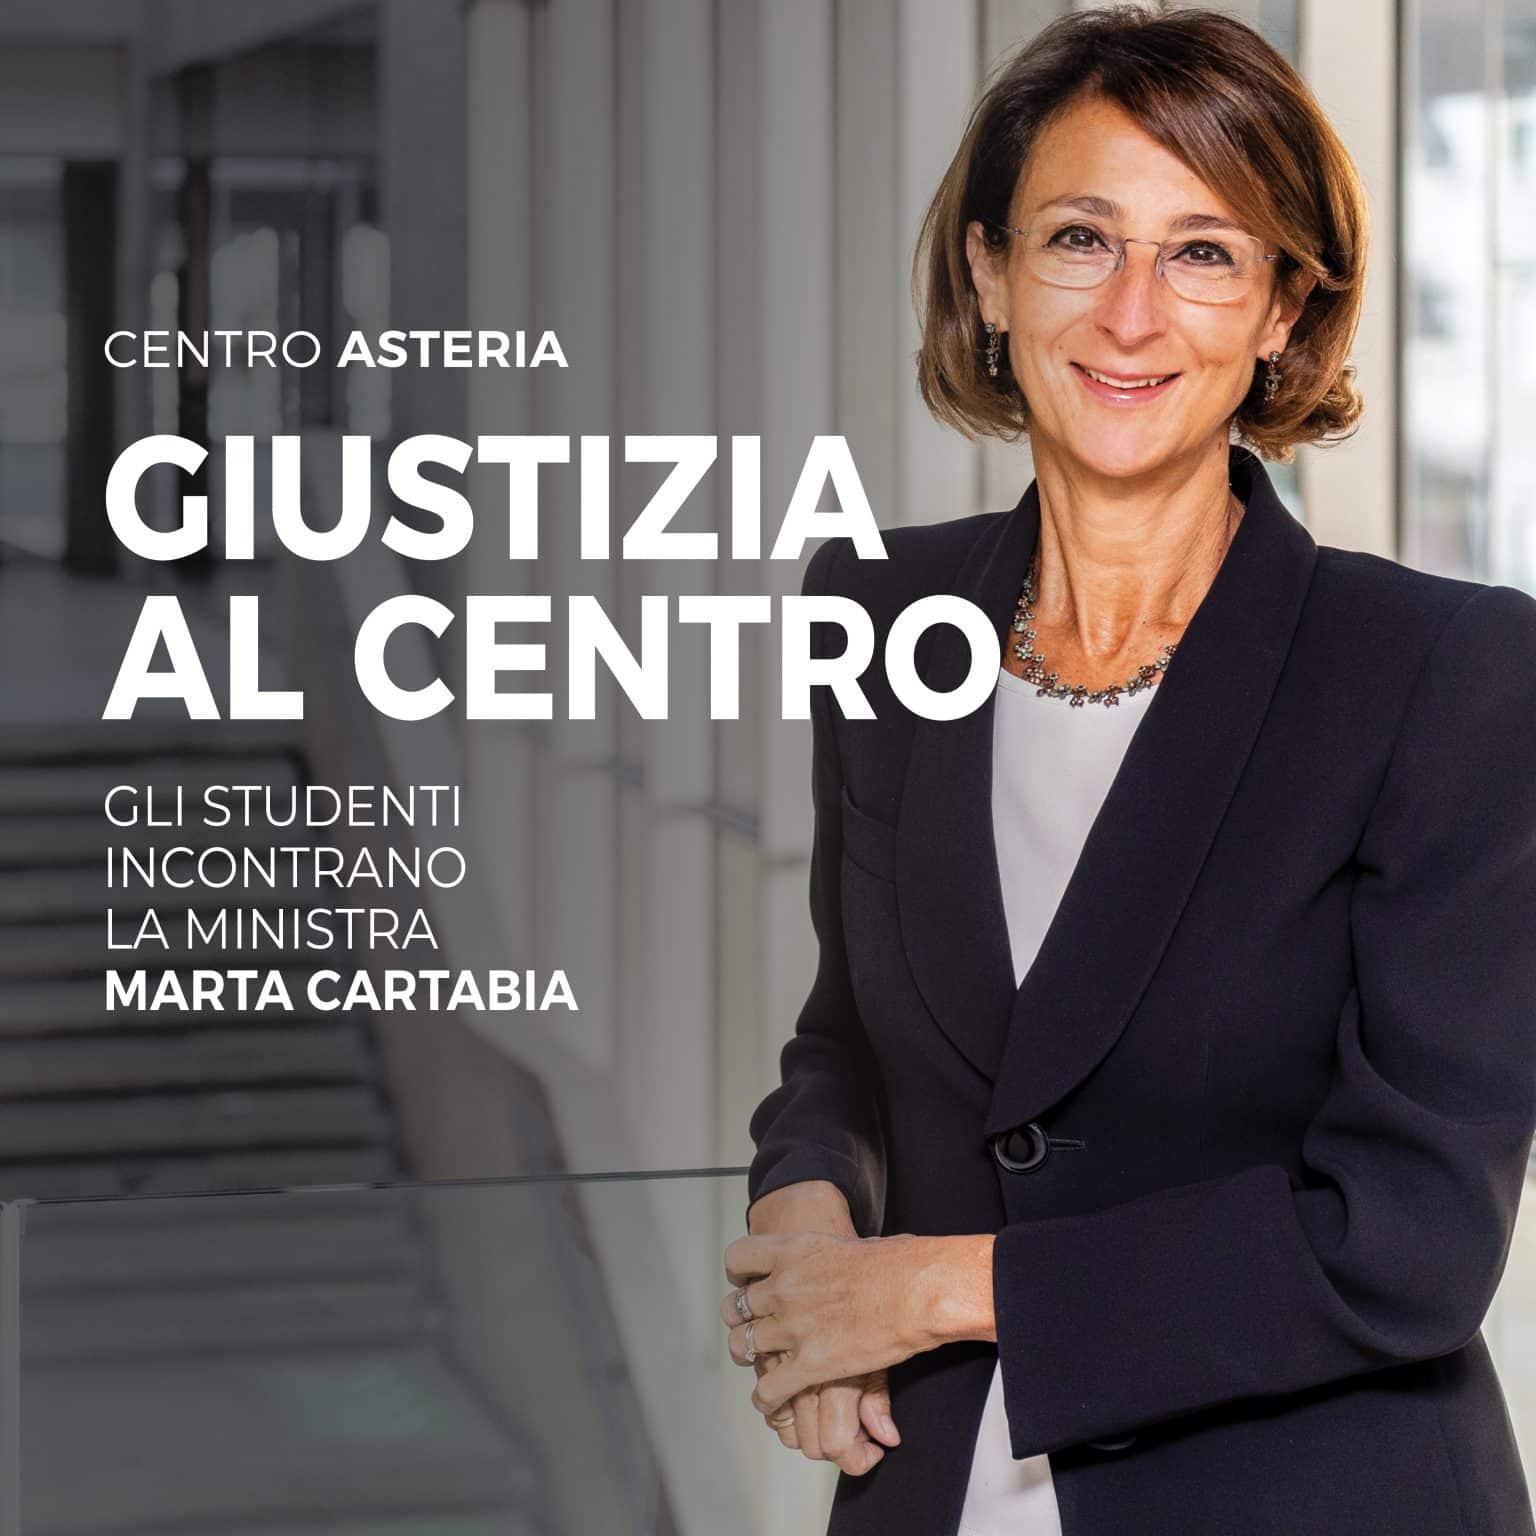 """La Scuola """"Maiorana"""" di Catania incontra la Ministra della Giustizia Marta Cartabia"""